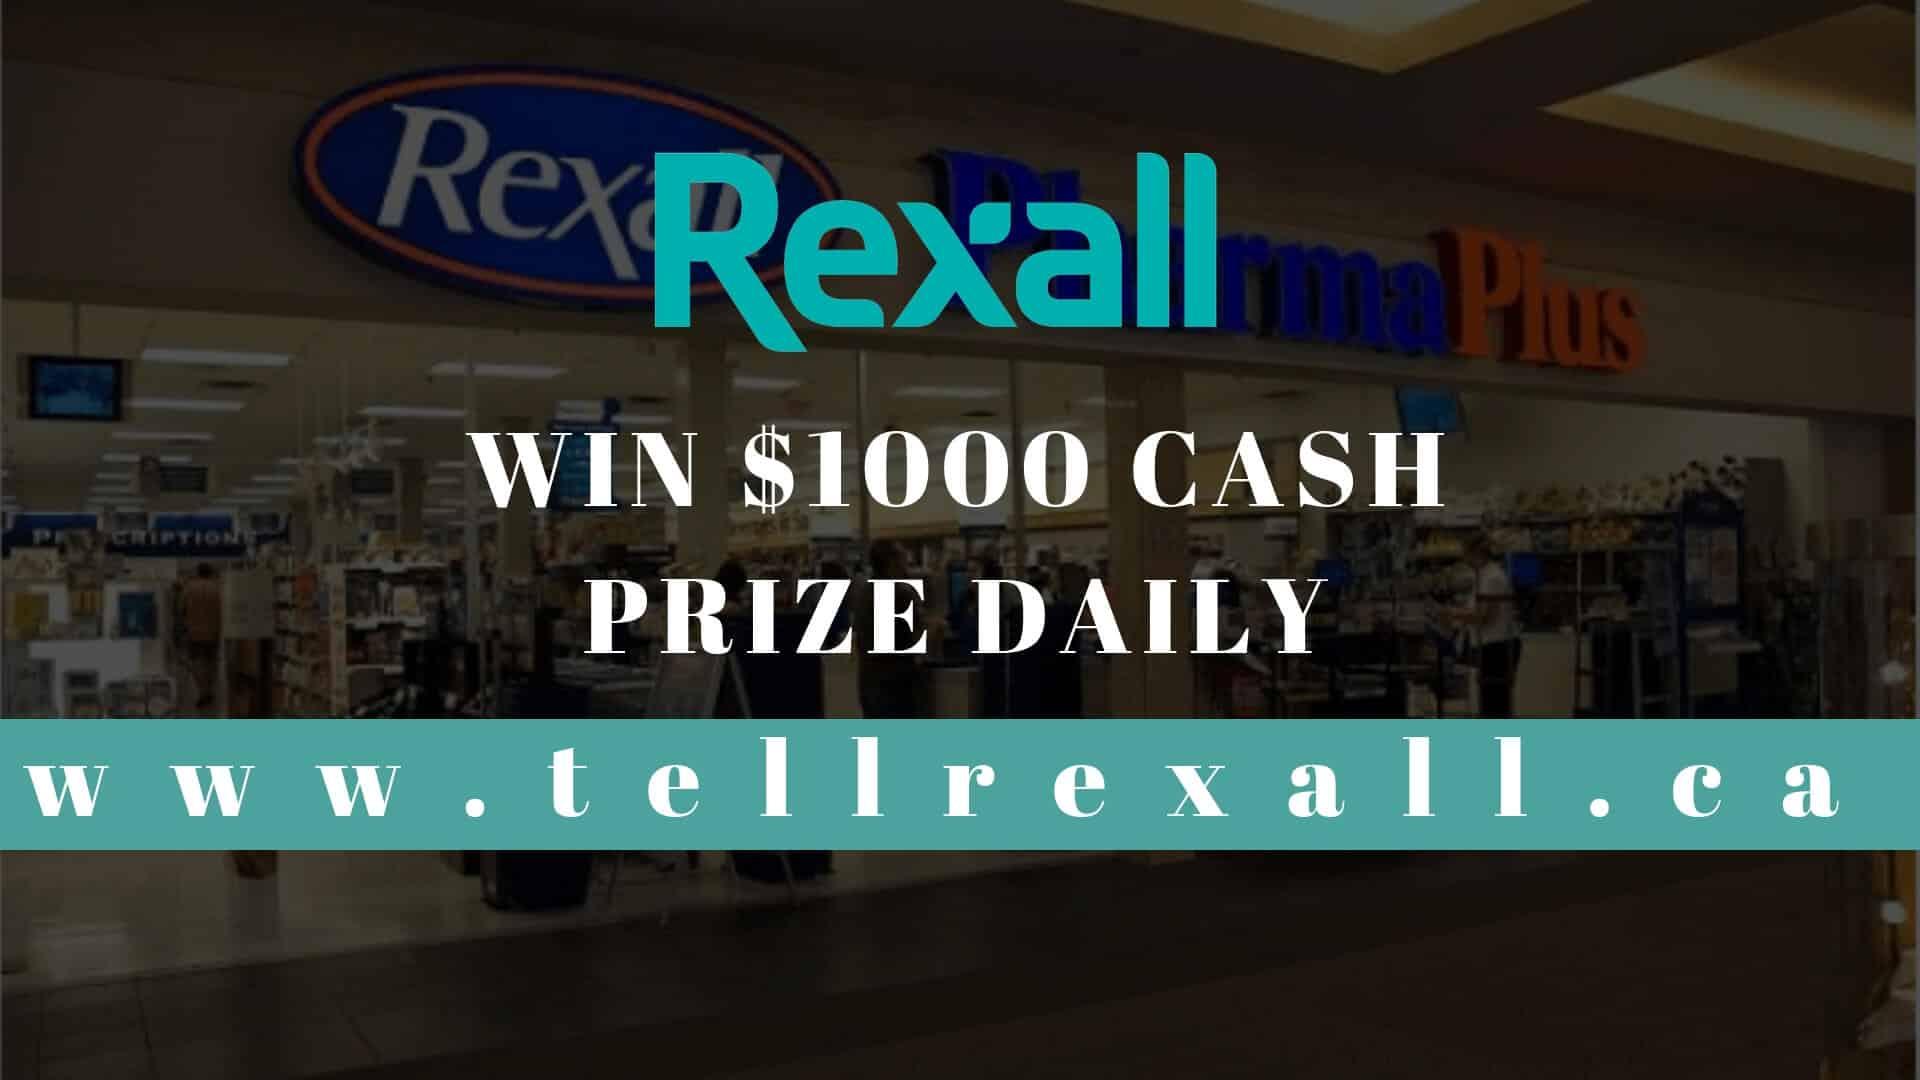 www.tellrexall.ca